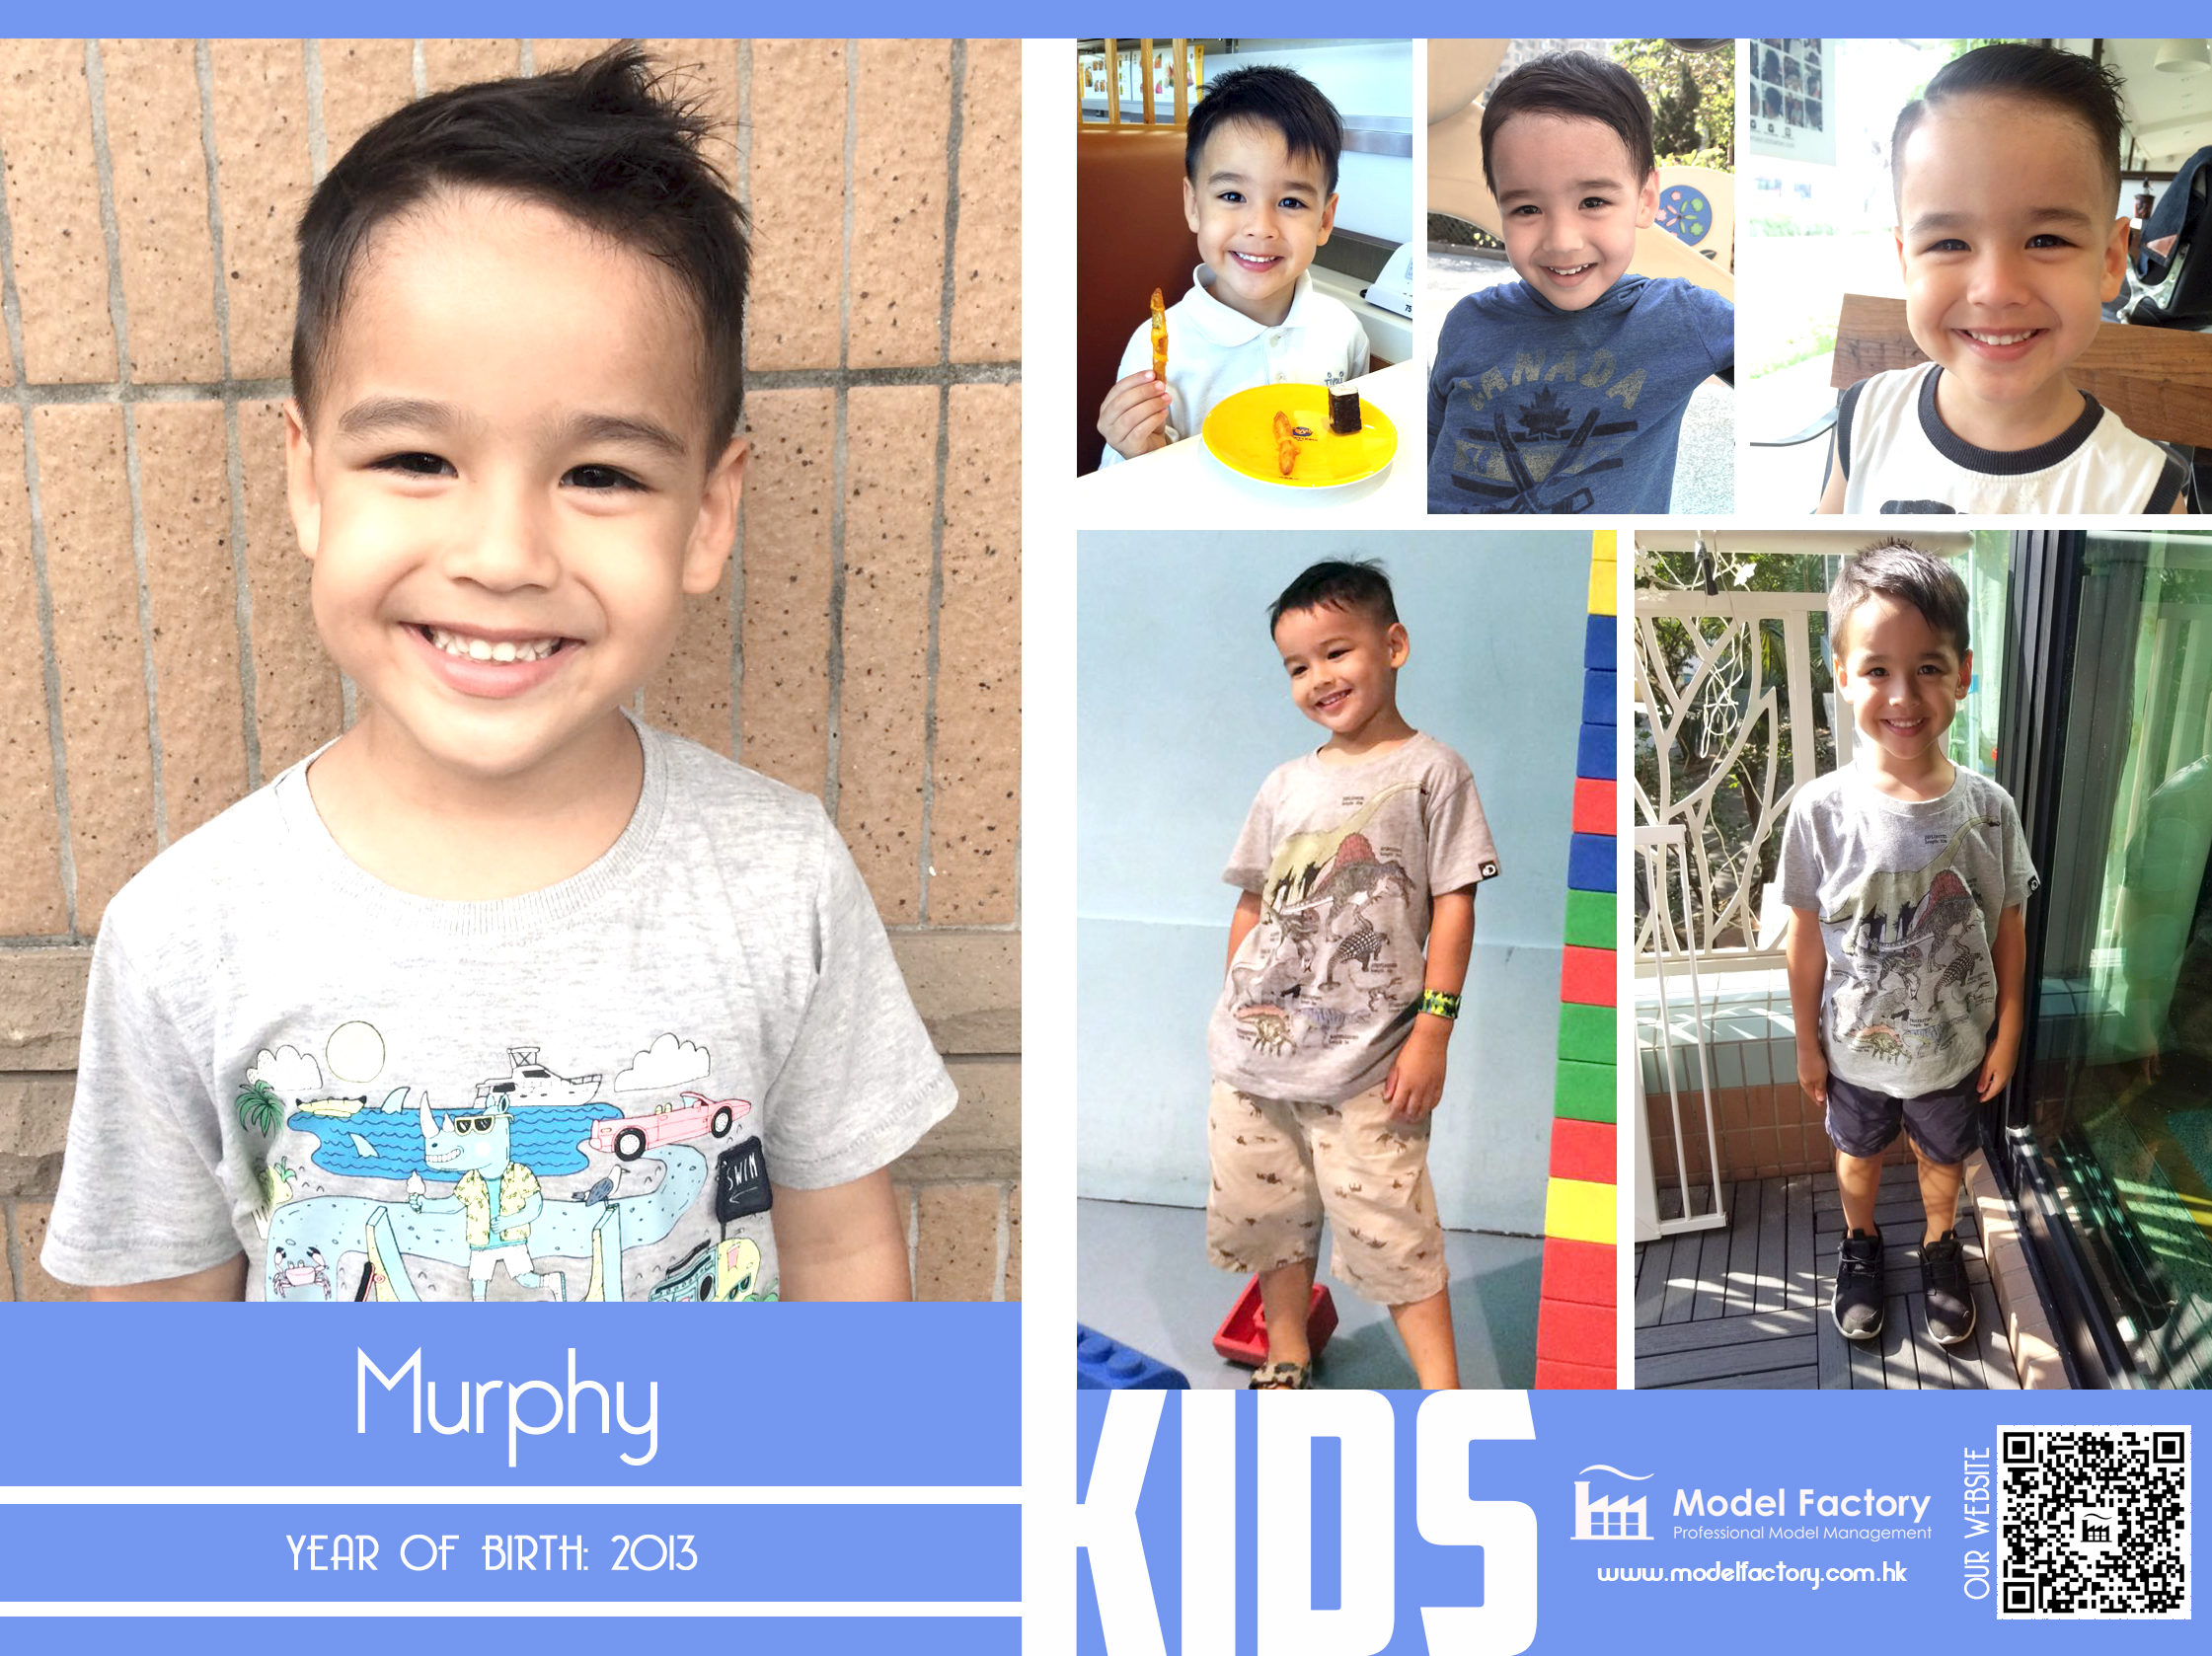 Model Factory Local Kids Model Flynn Murphy